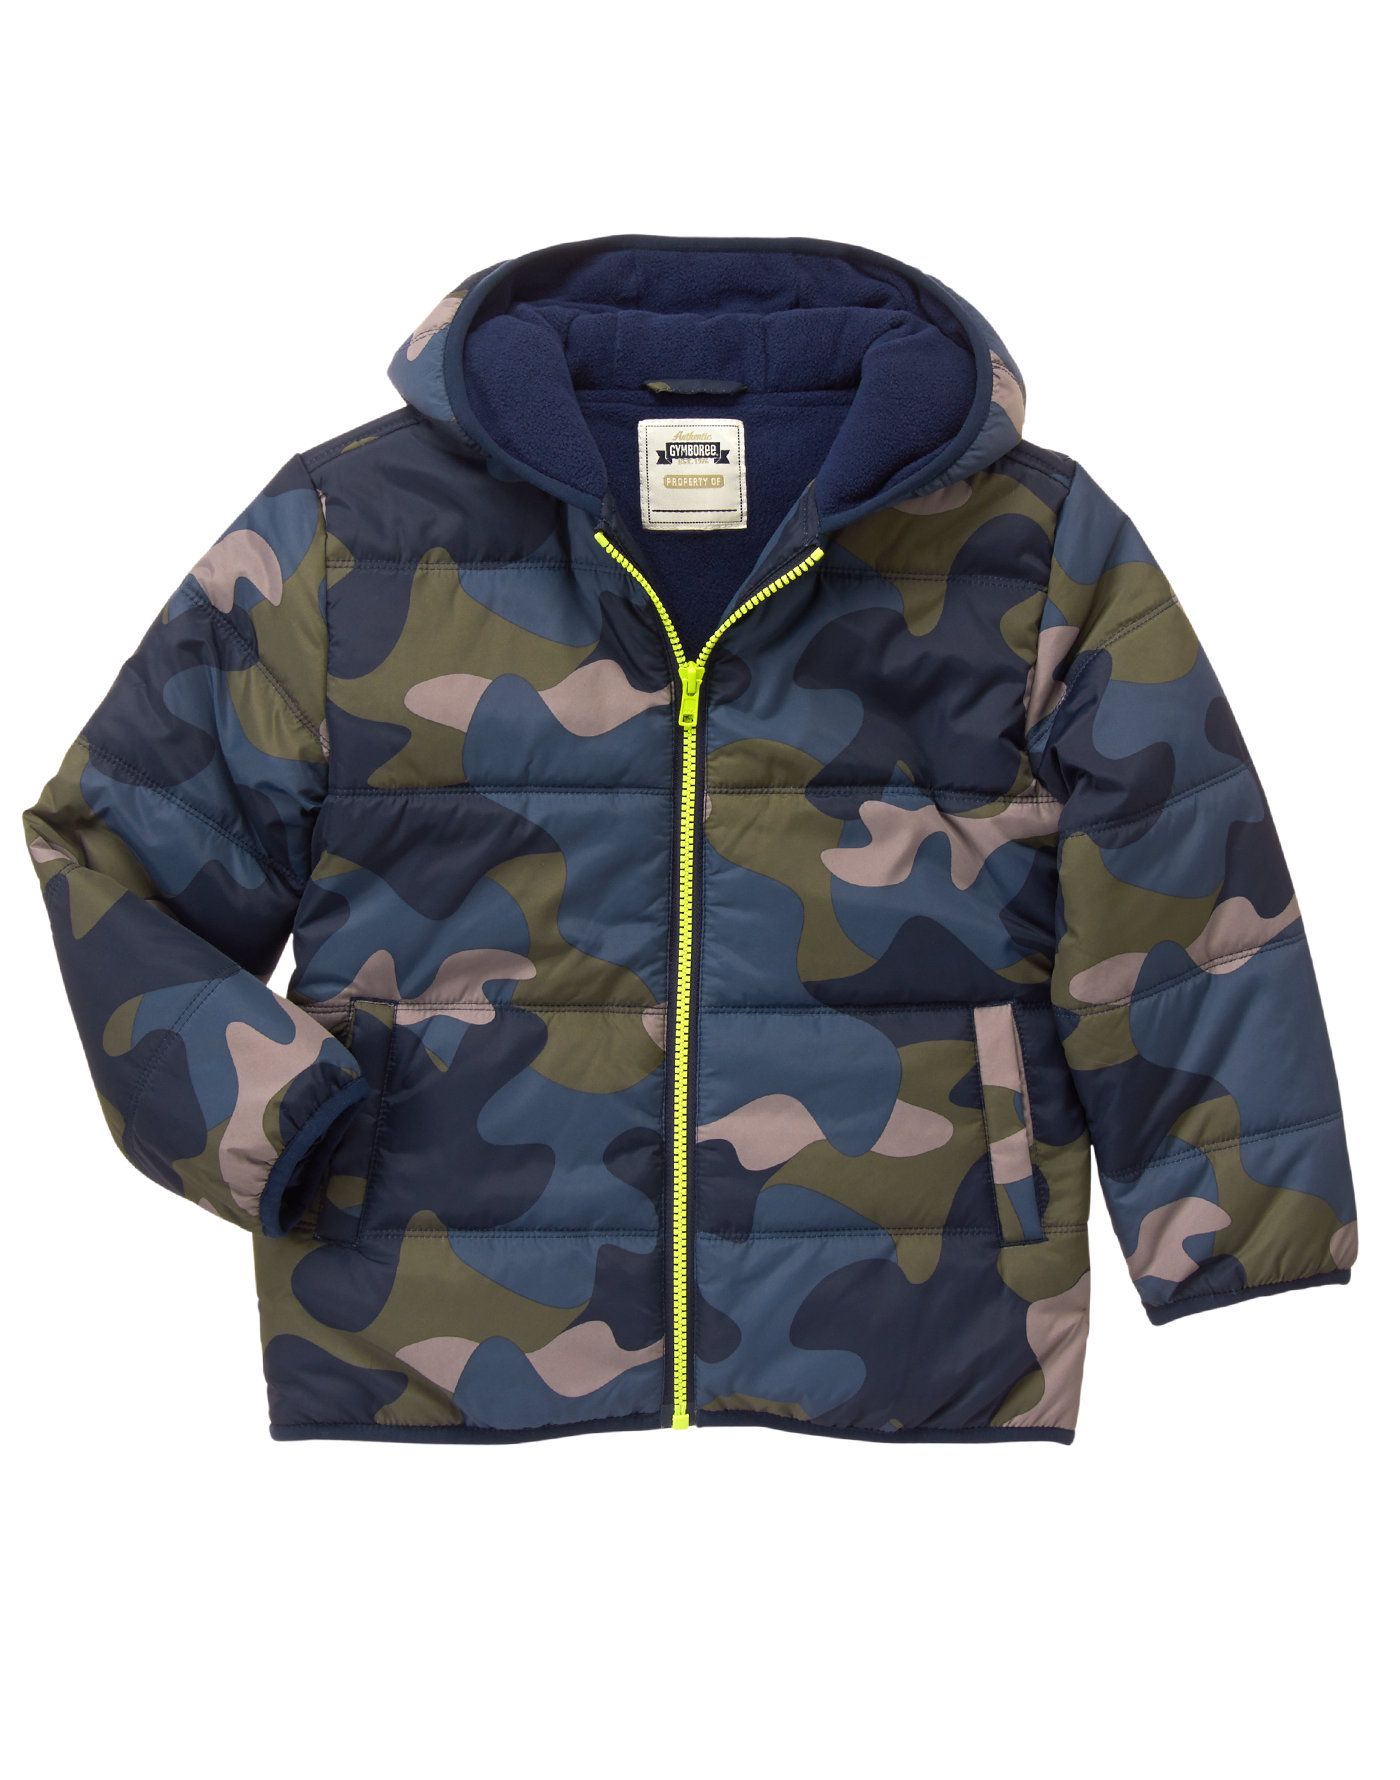 4f348d9c5 Camo Puffer Jacket